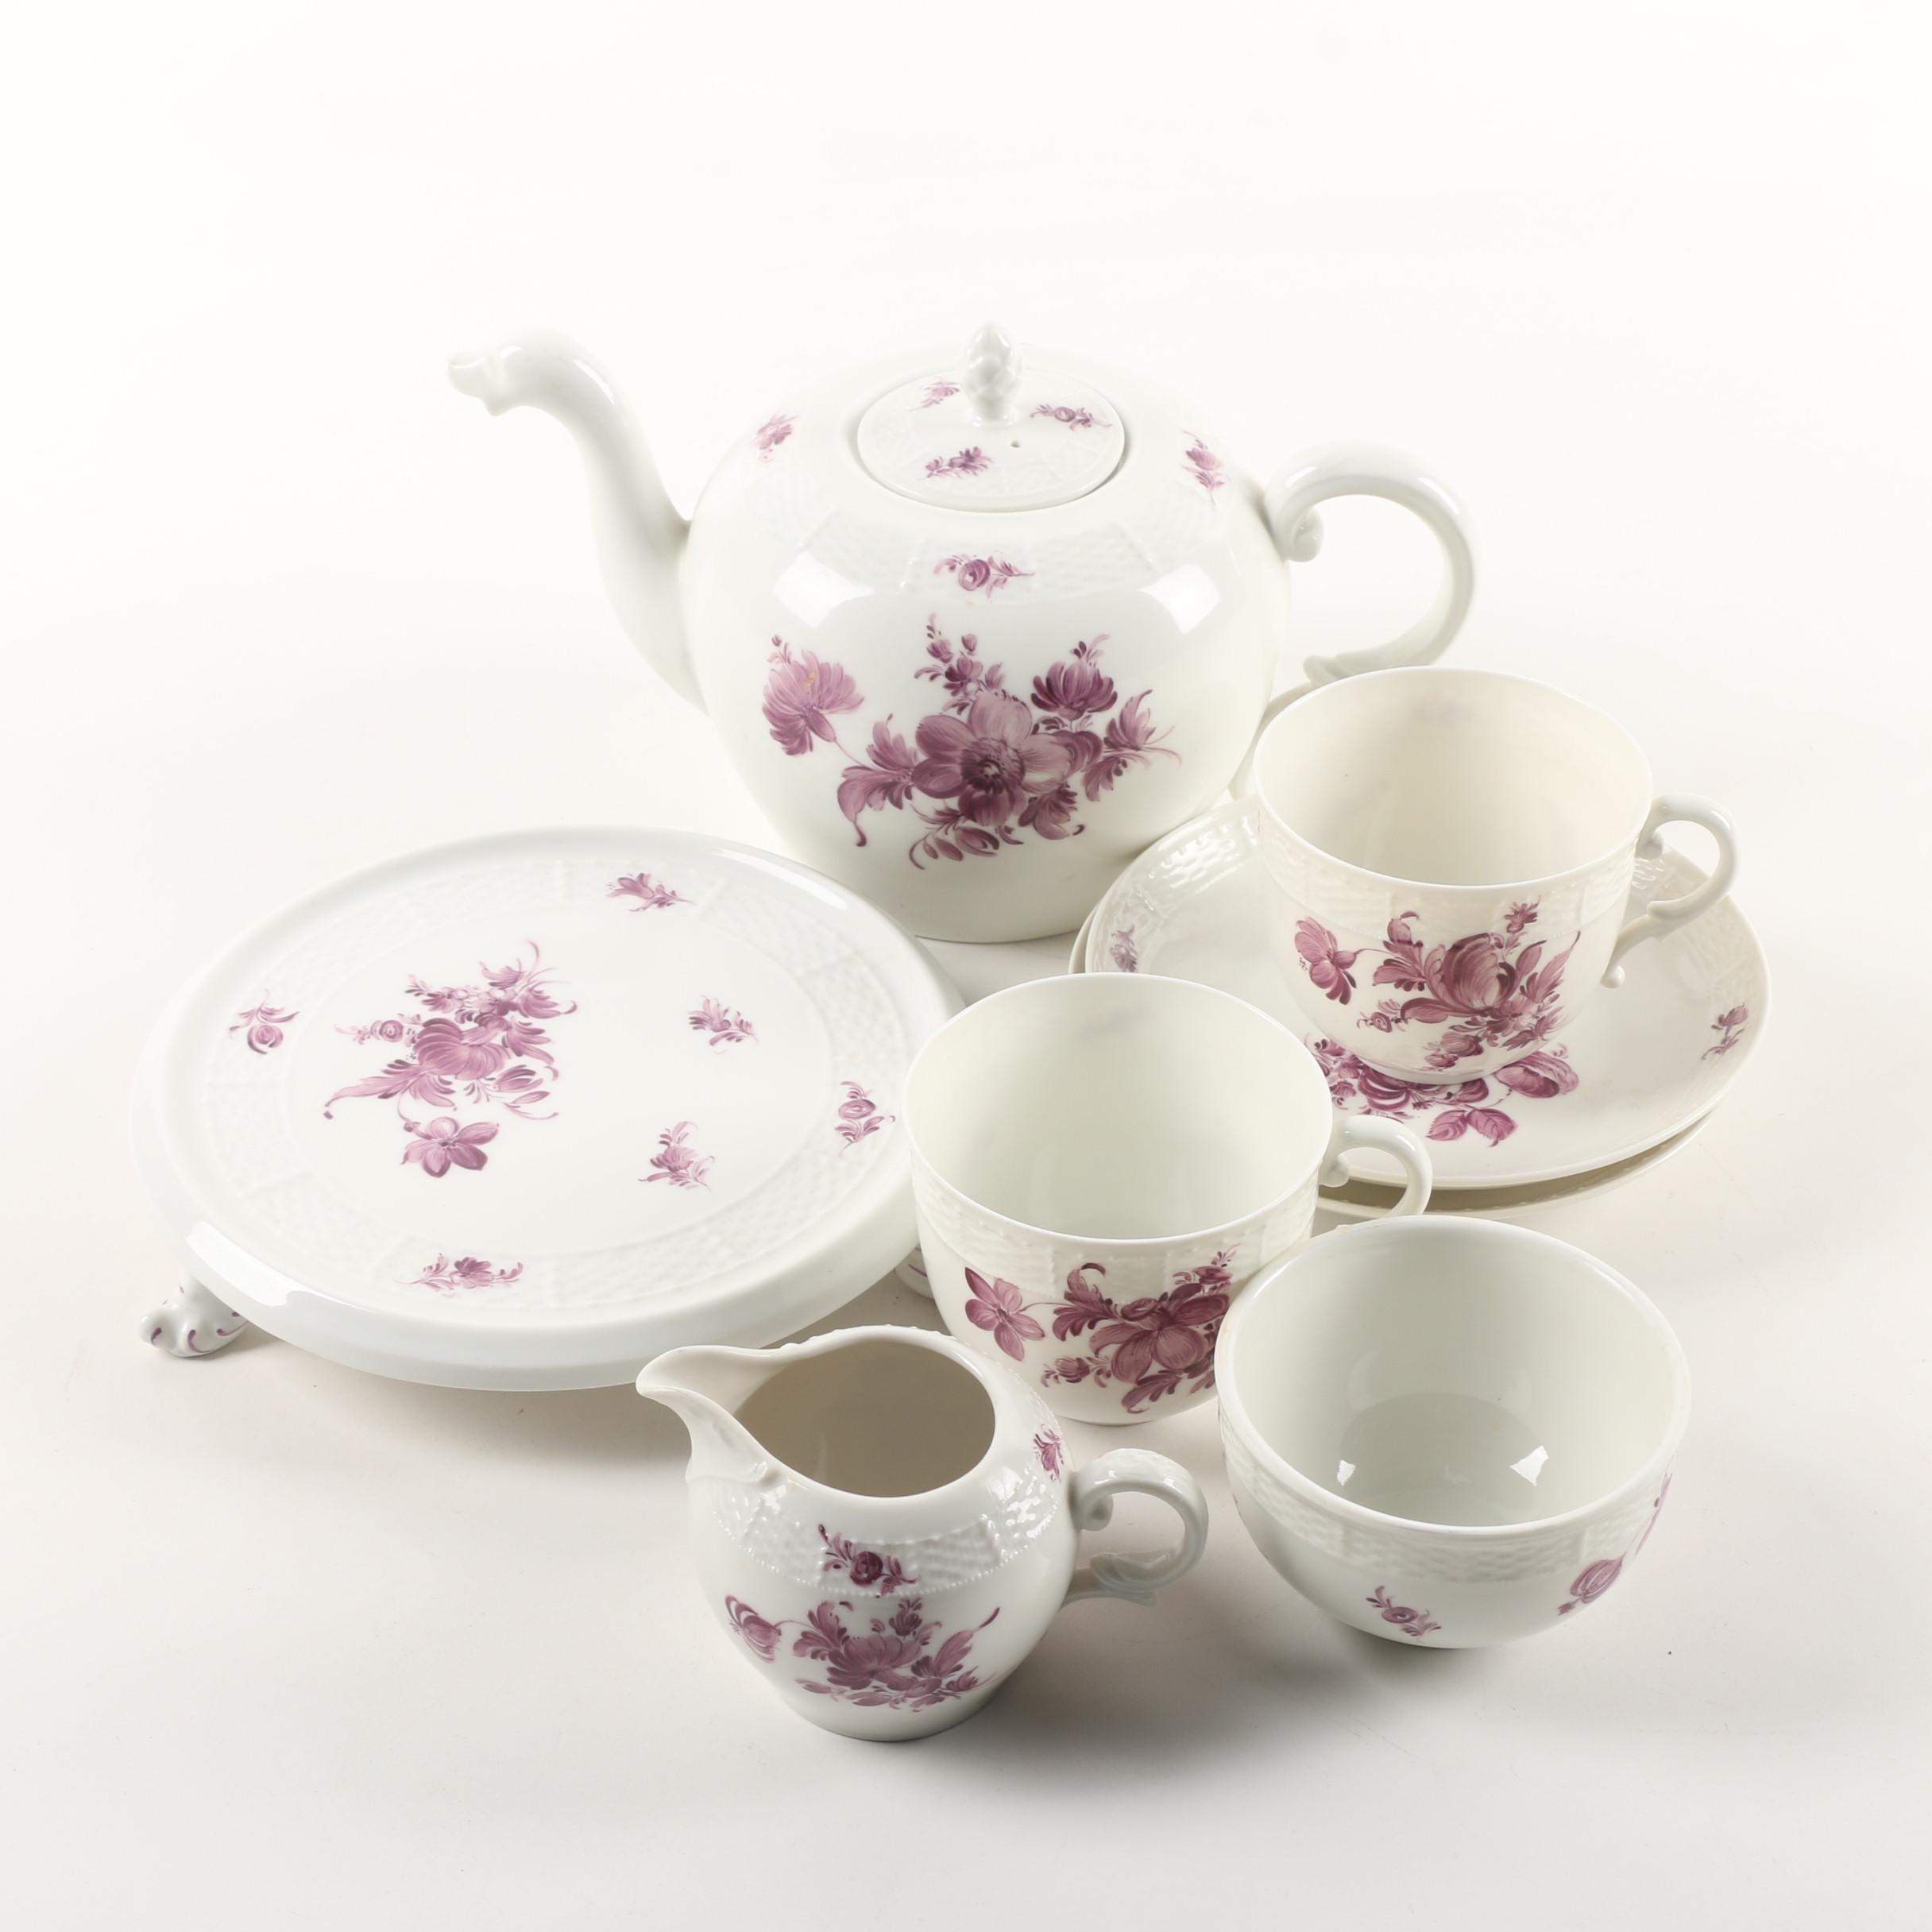 Vintage Hand-Painted Nymphenburg Porcelain Tea Service